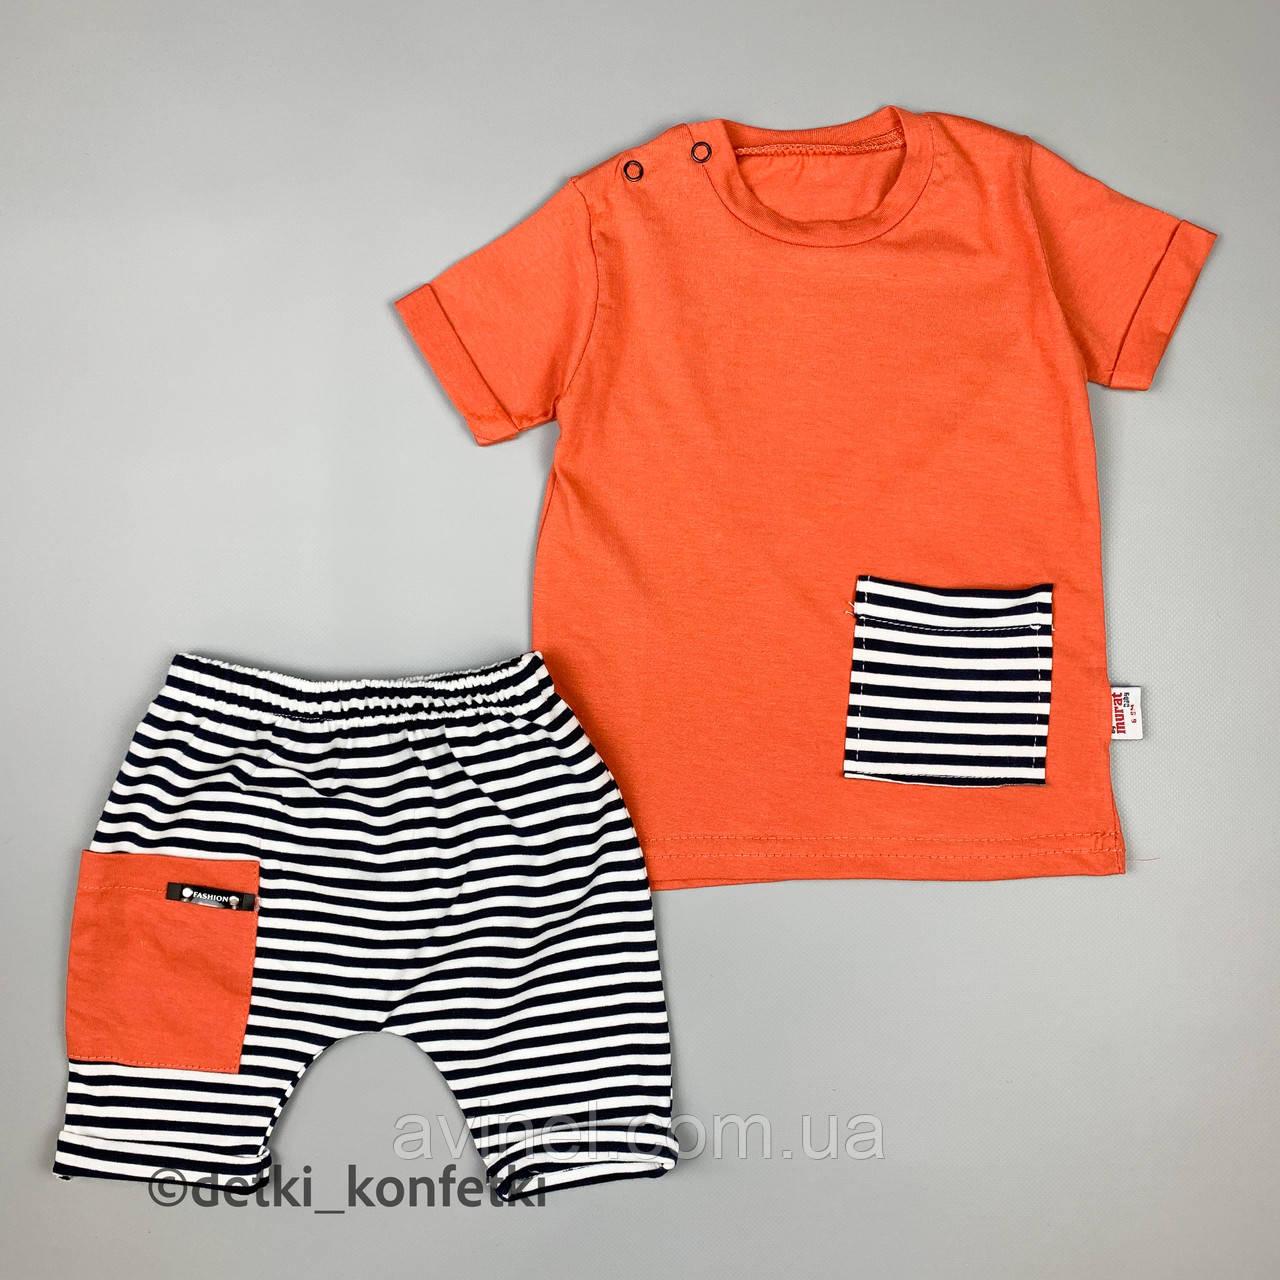 Комплект футболка, шорти помаранчевий Інтерлок Murat babyТурция 74 (р) 86